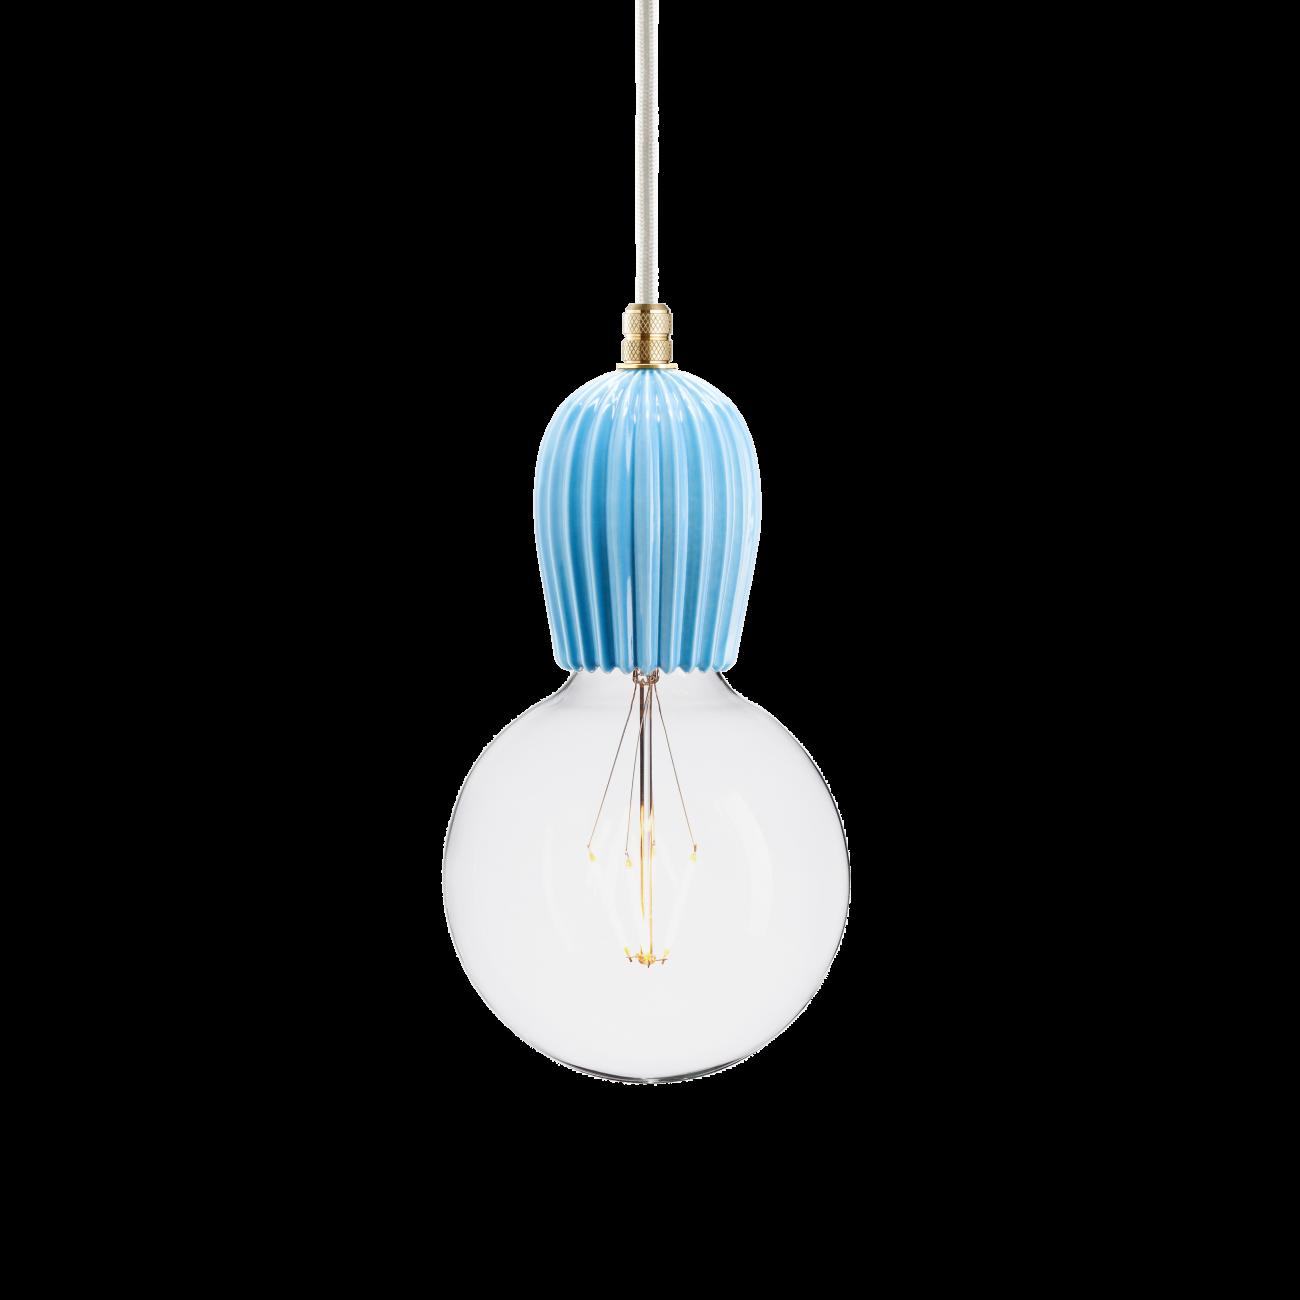 Купить Подвесной светильник KERAMIK RIB BLAR BRASS в интернет магазине дизайнерской мебели и аксессуаров для дома и дачи